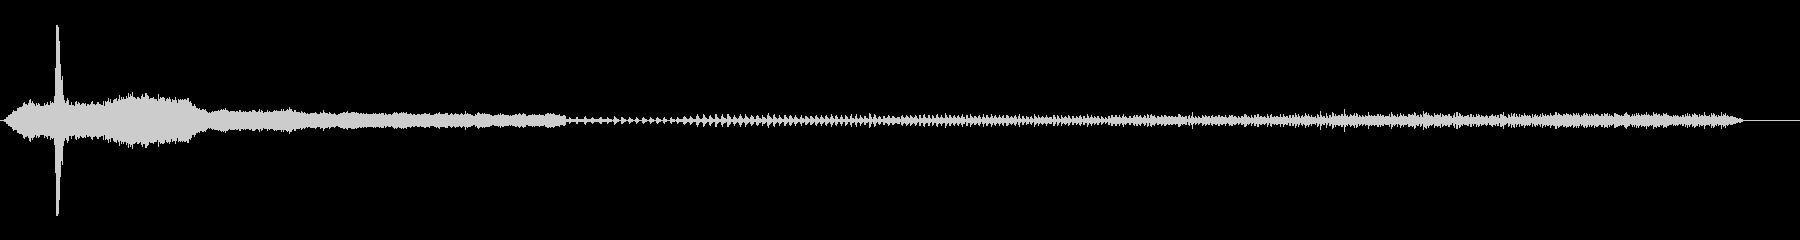 蒸気機関車蒸気機関車-内部-消える...の未再生の波形